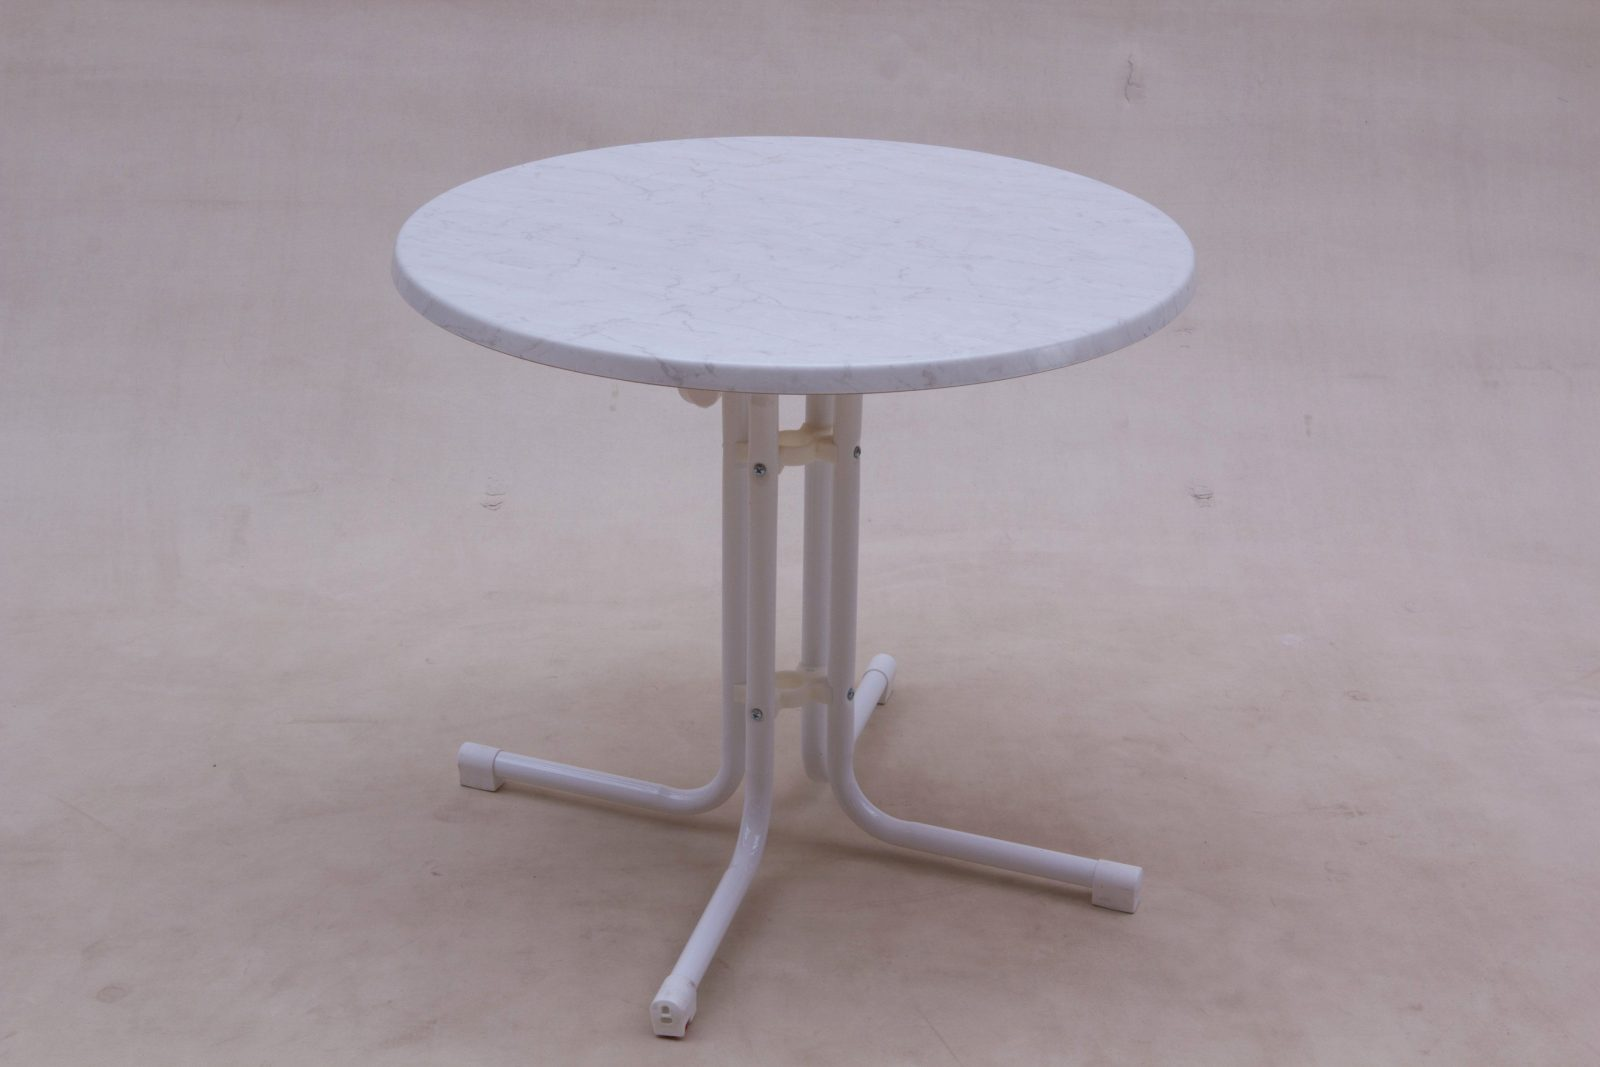 Gartentisch Rund Weiss Elegant Beistelltisch Terrasse Tisch Garten von Gartentisch Rund Kunststoff Weiß Bild